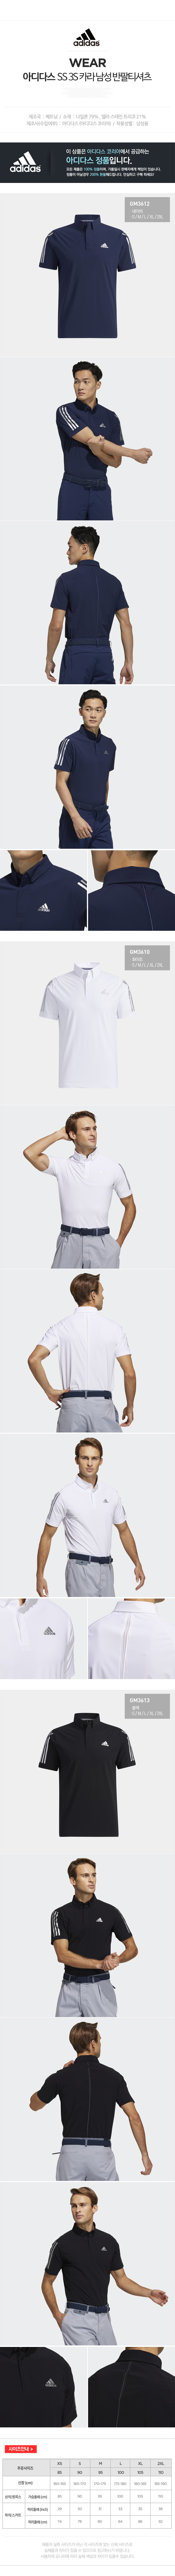 adidas_ss_3s_tshirt_21.jpg